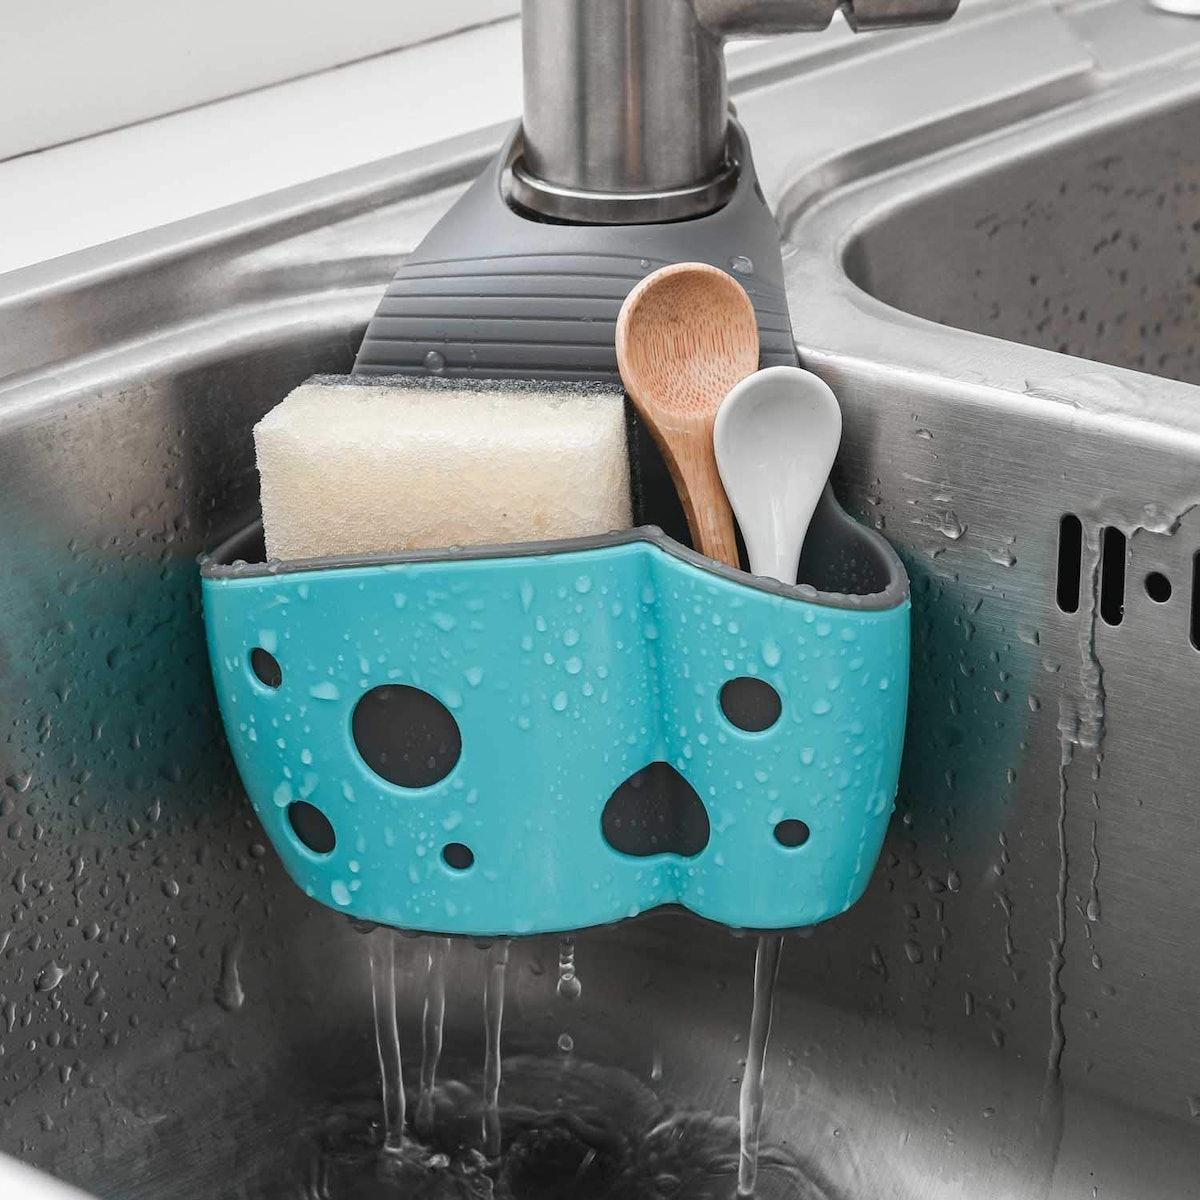 UNIKON Sink Caddy